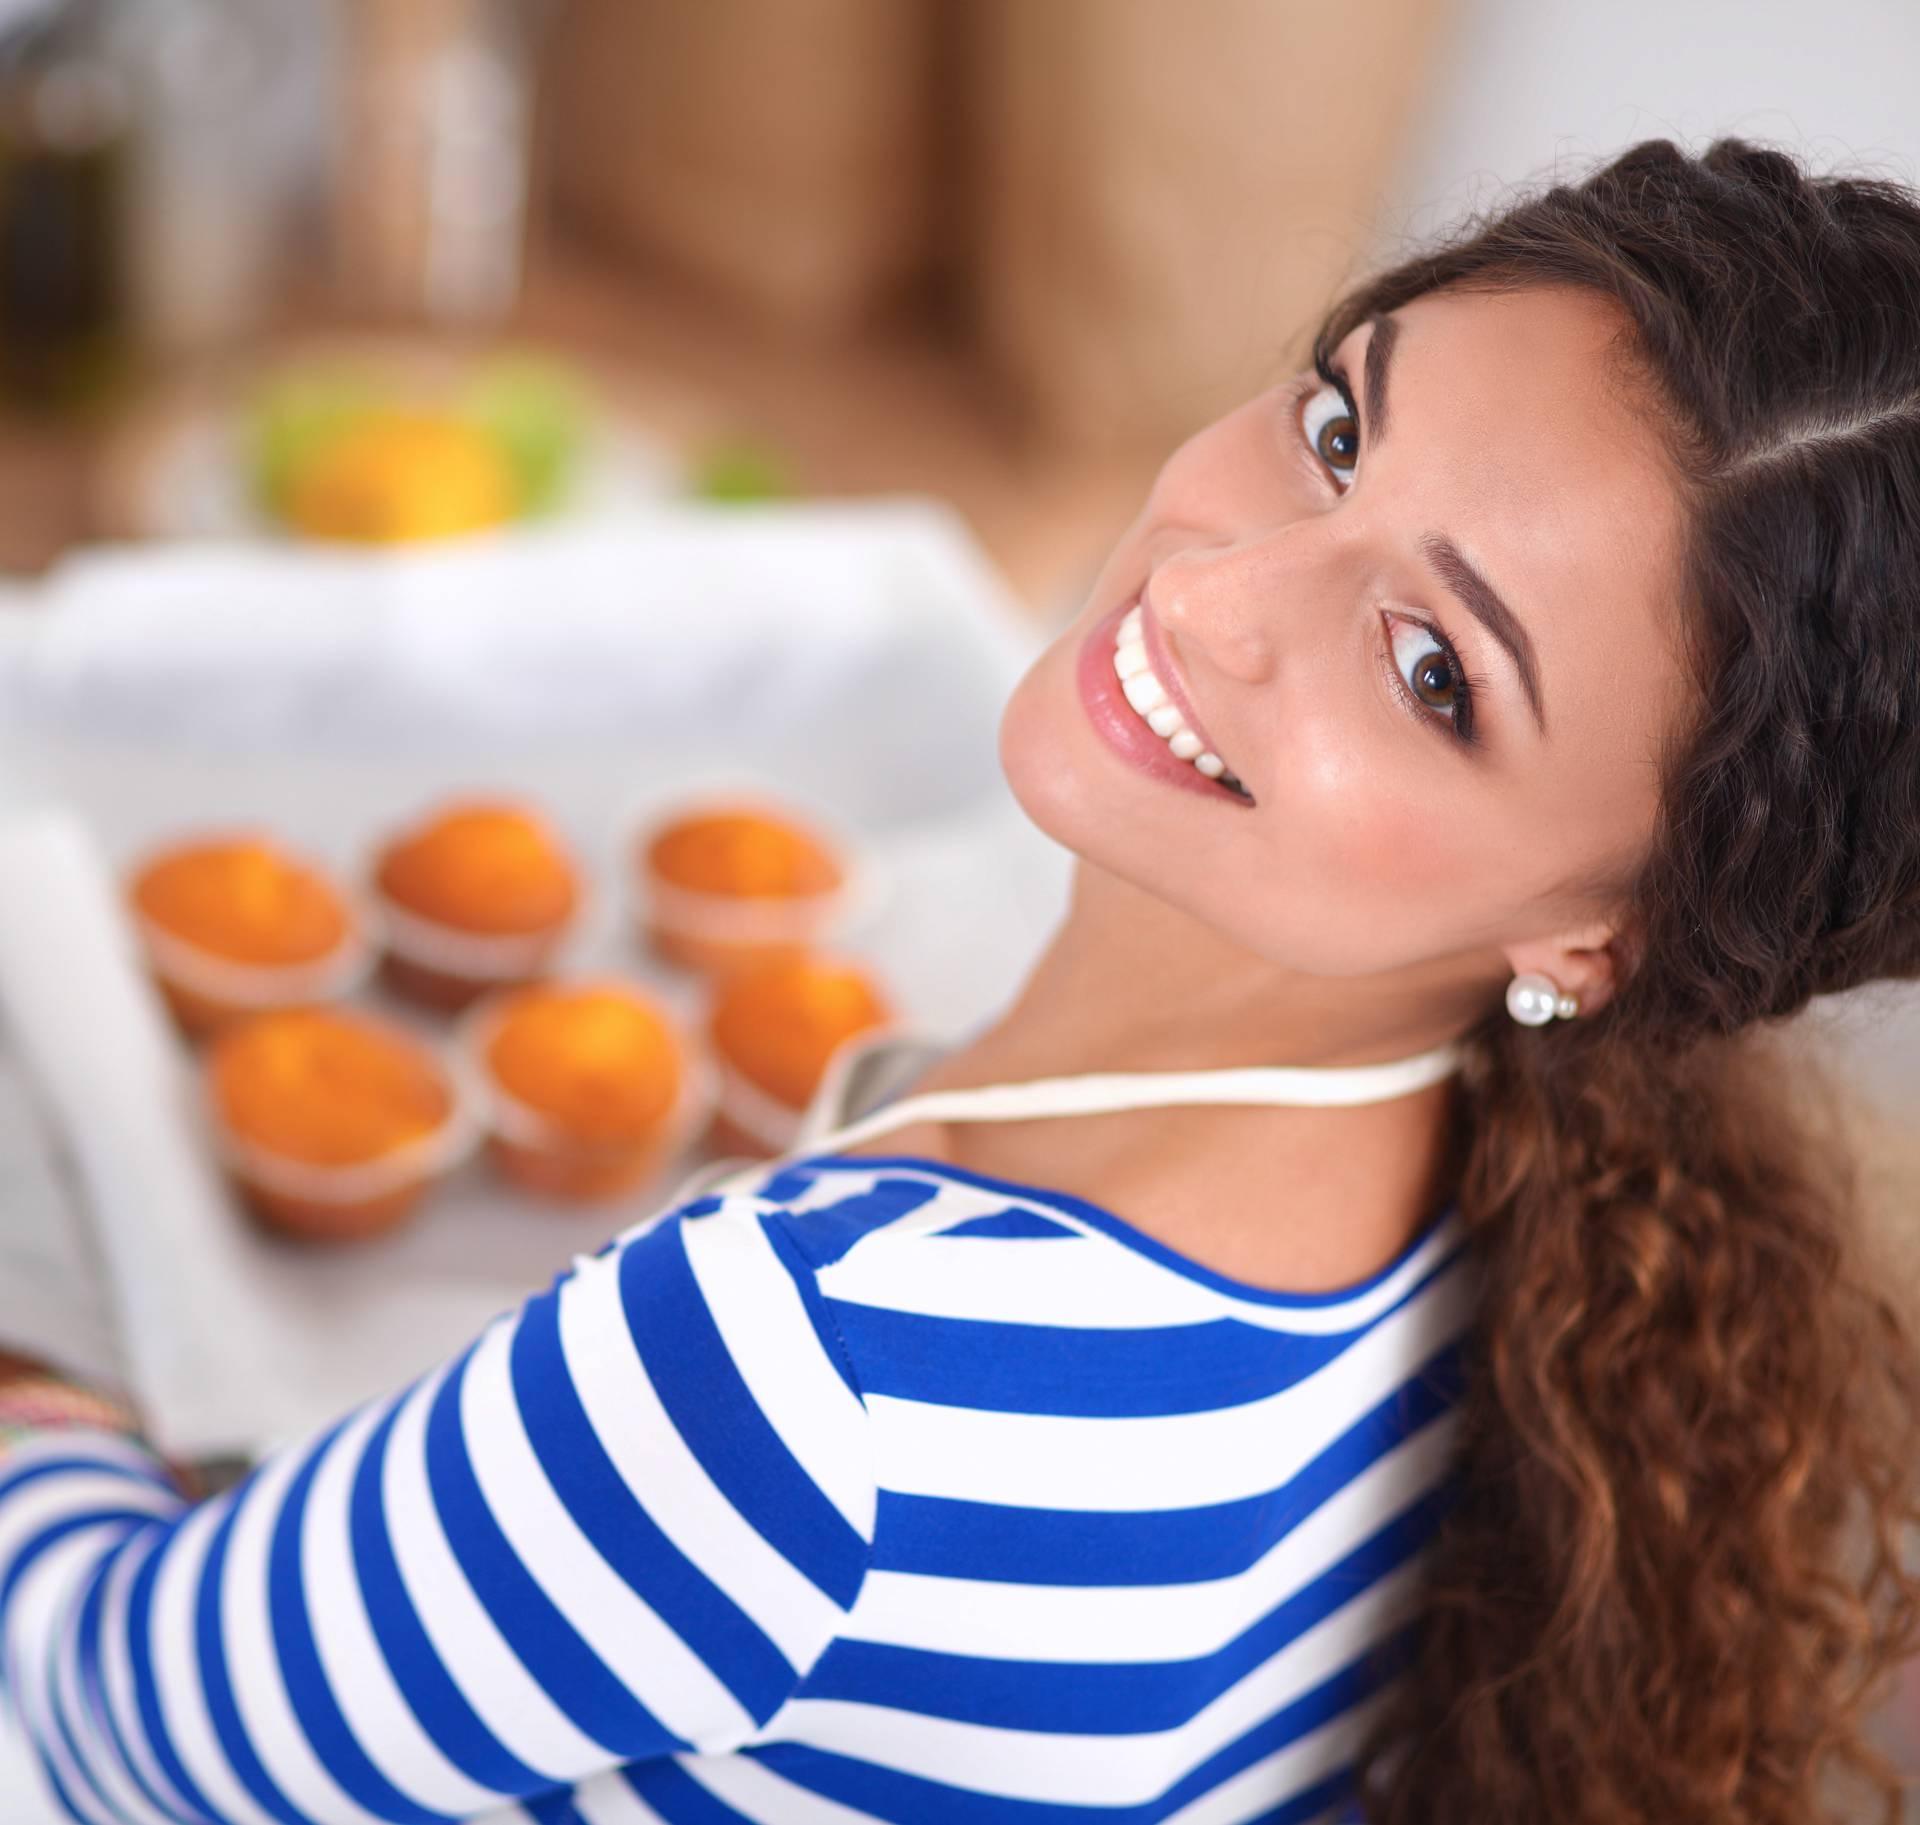 5 razloga zašto je dobro peći kolače često i davati ih nekome